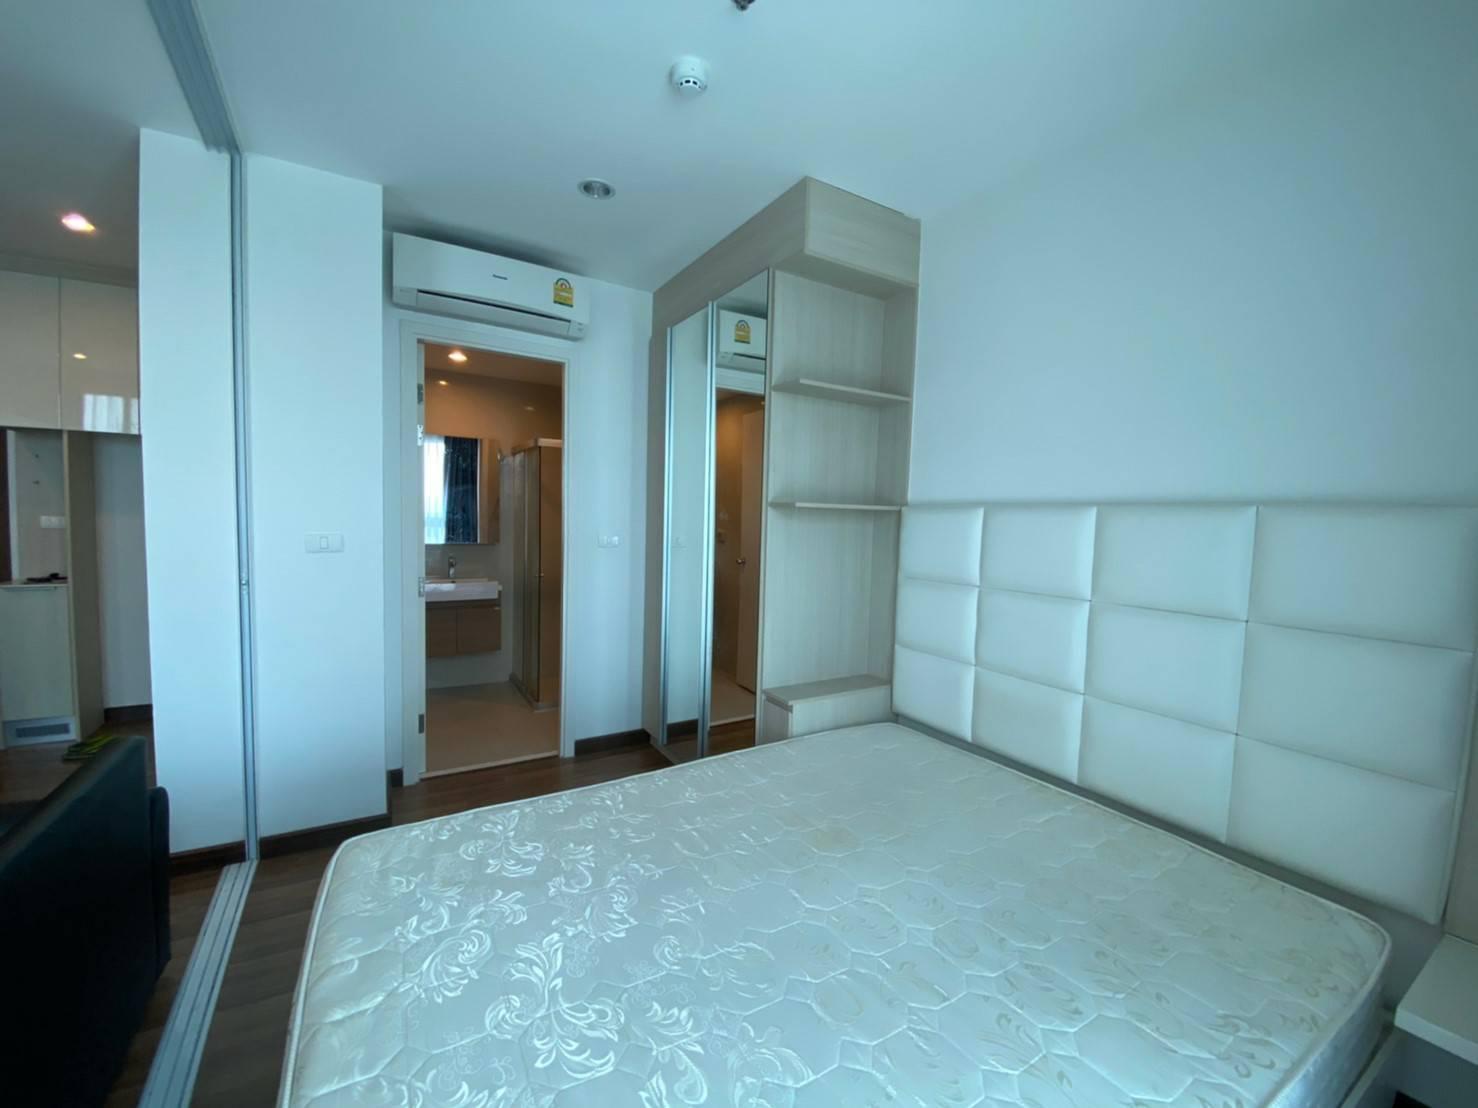 ภาพคอนโดให้เช่า ชีวาทัย อินเตอร์เชนจ์   ประชาราษฎร์ สาย 2  บางซื่อ บางซื่อ 1 ห้องนอน พร้อมอยู่ ราคาถูก